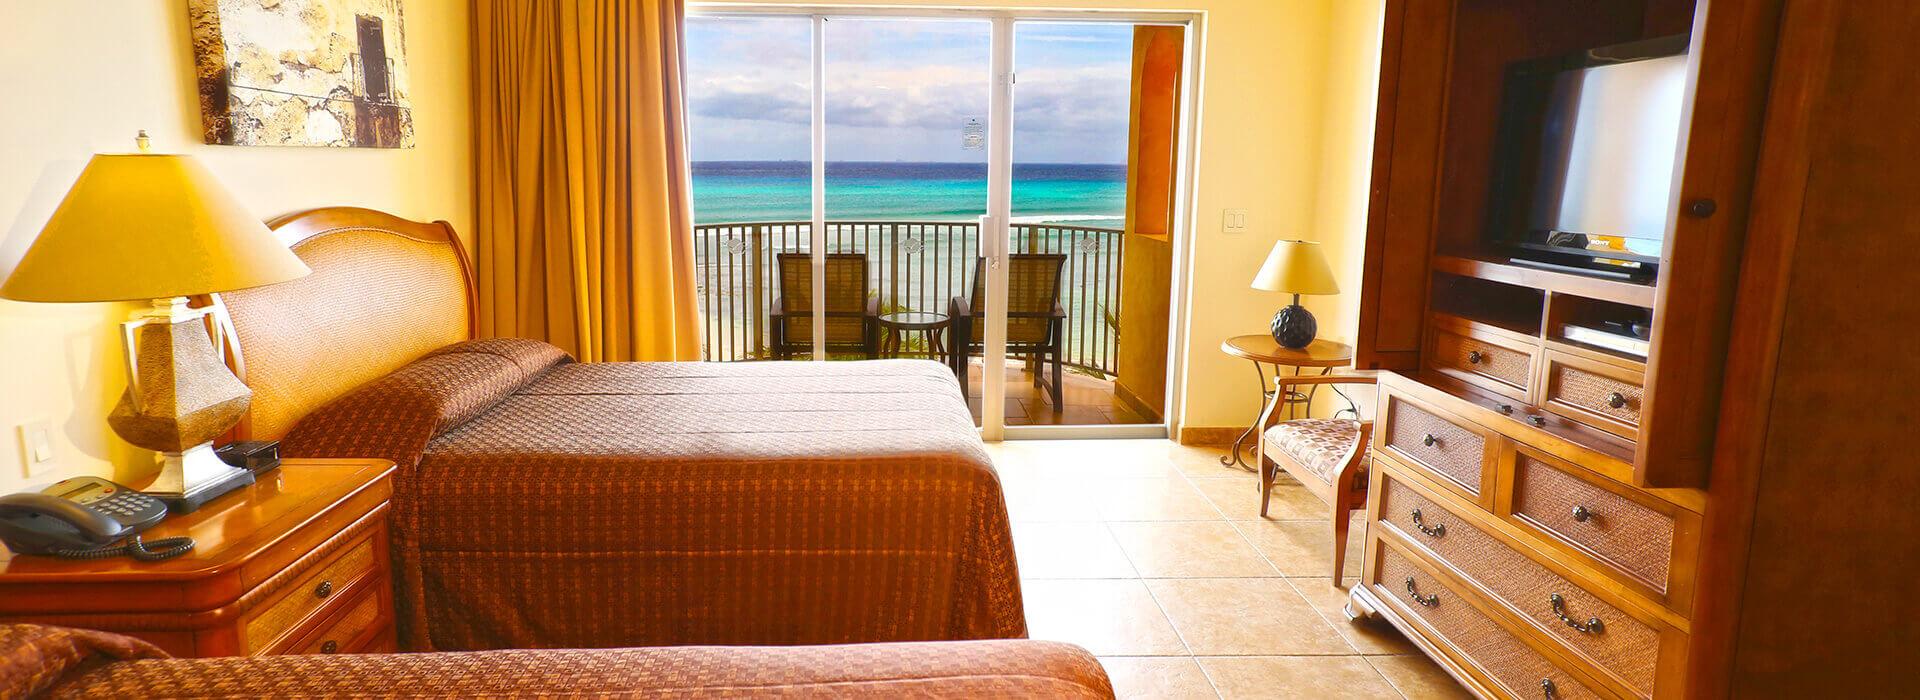 junior suite in The Royal Haciendas Resort